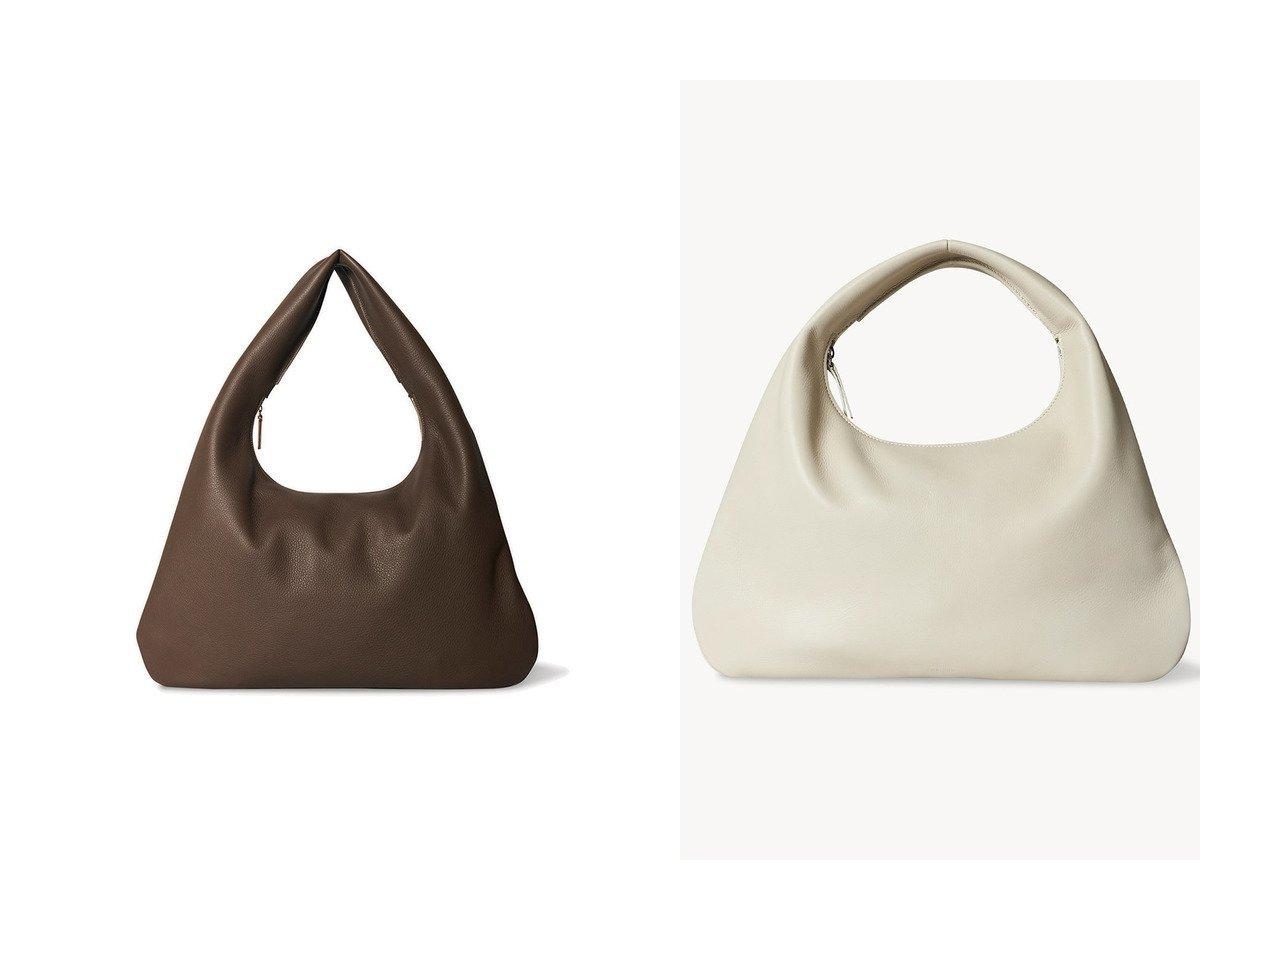 【THE ROW/ザ ロウ】のEVERYDAY SHOULDER&SMALL EVERYDAY SHOULDER 【バッグ・鞄】おすすめ!人気、トレンド・レディースファッションの通販 おすすめで人気の流行・トレンド、ファッションの通販商品 インテリア・家具・メンズファッション・キッズファッション・レディースファッション・服の通販 founy(ファニー) https://founy.com/ ファッション Fashion レディースファッション WOMEN クラッチ コレクション シンプル |ID:crp329100000040410